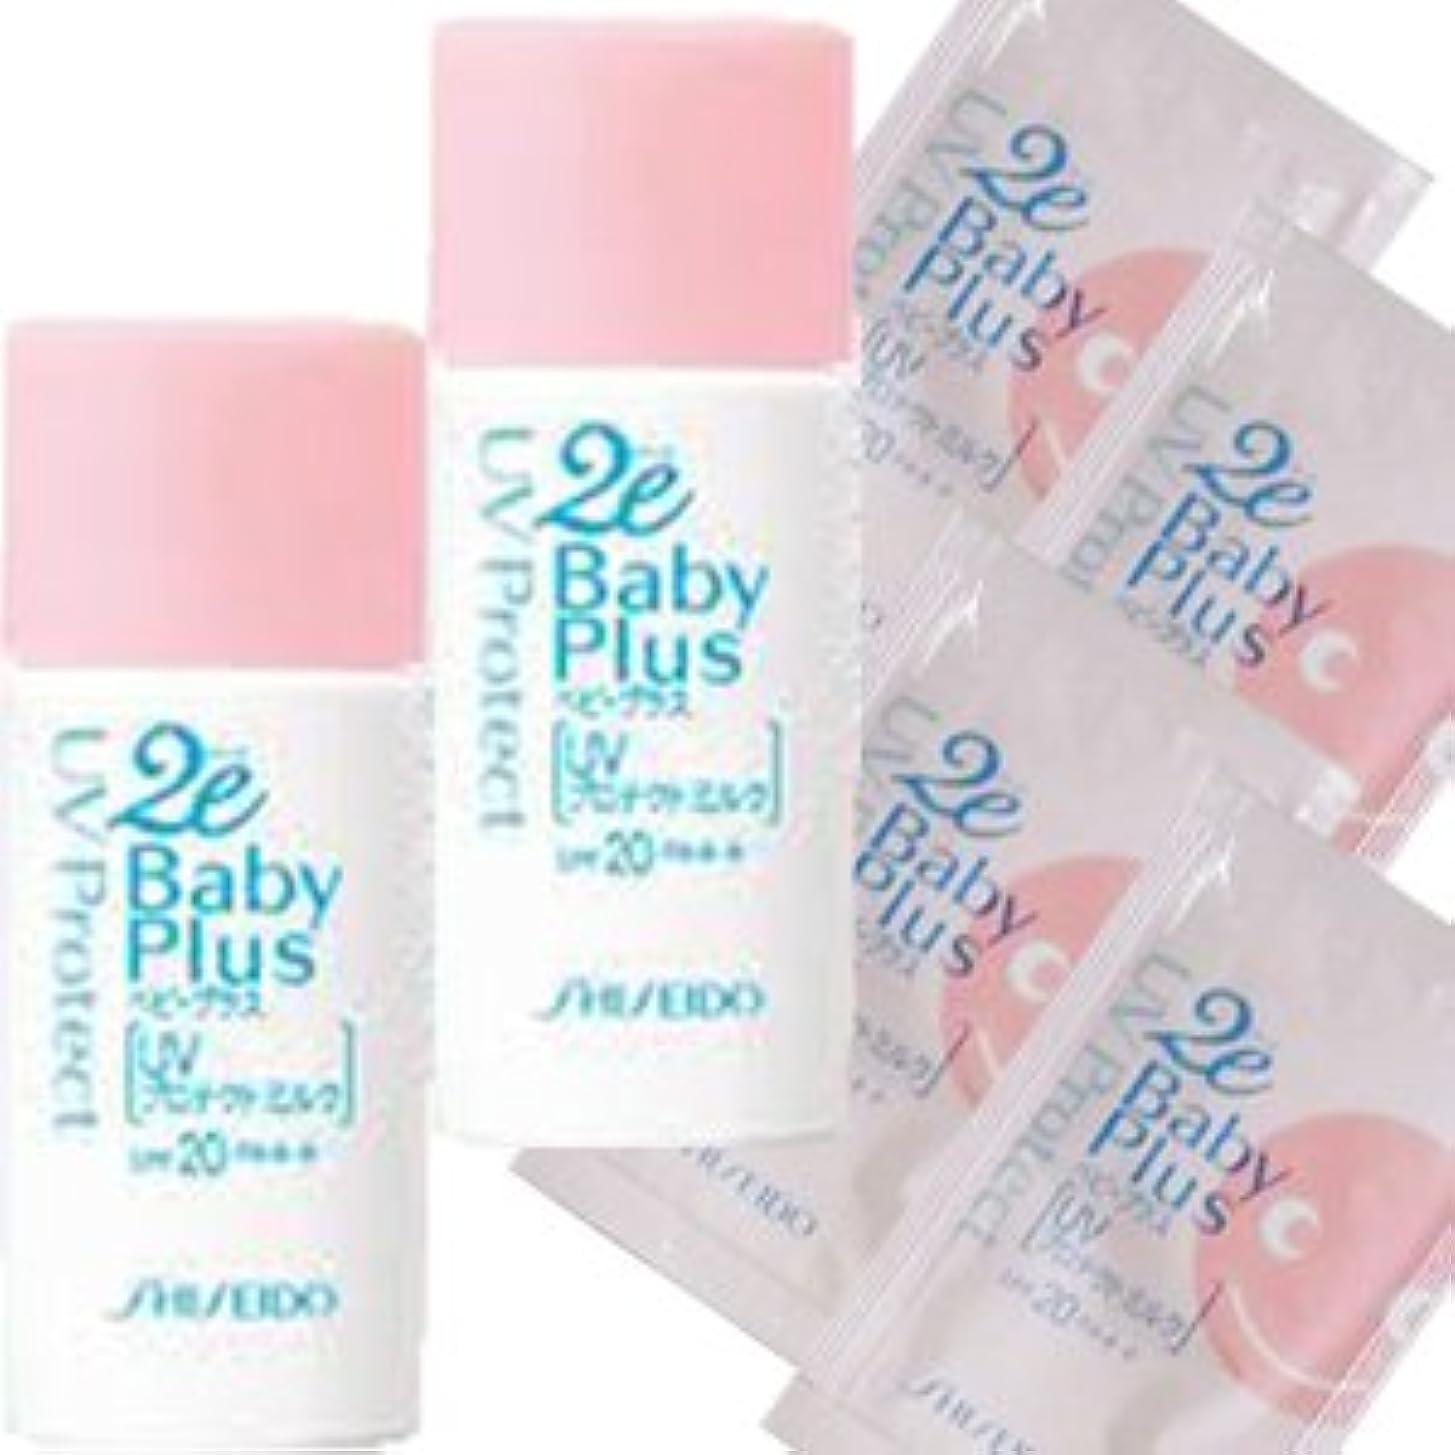 共和国アトミック谷2E(ドゥーエ) ベビープラス BABY PLUS UVプロテクトミルク 30MLx2(SPF20?PA++)2個セット(4901872235490)